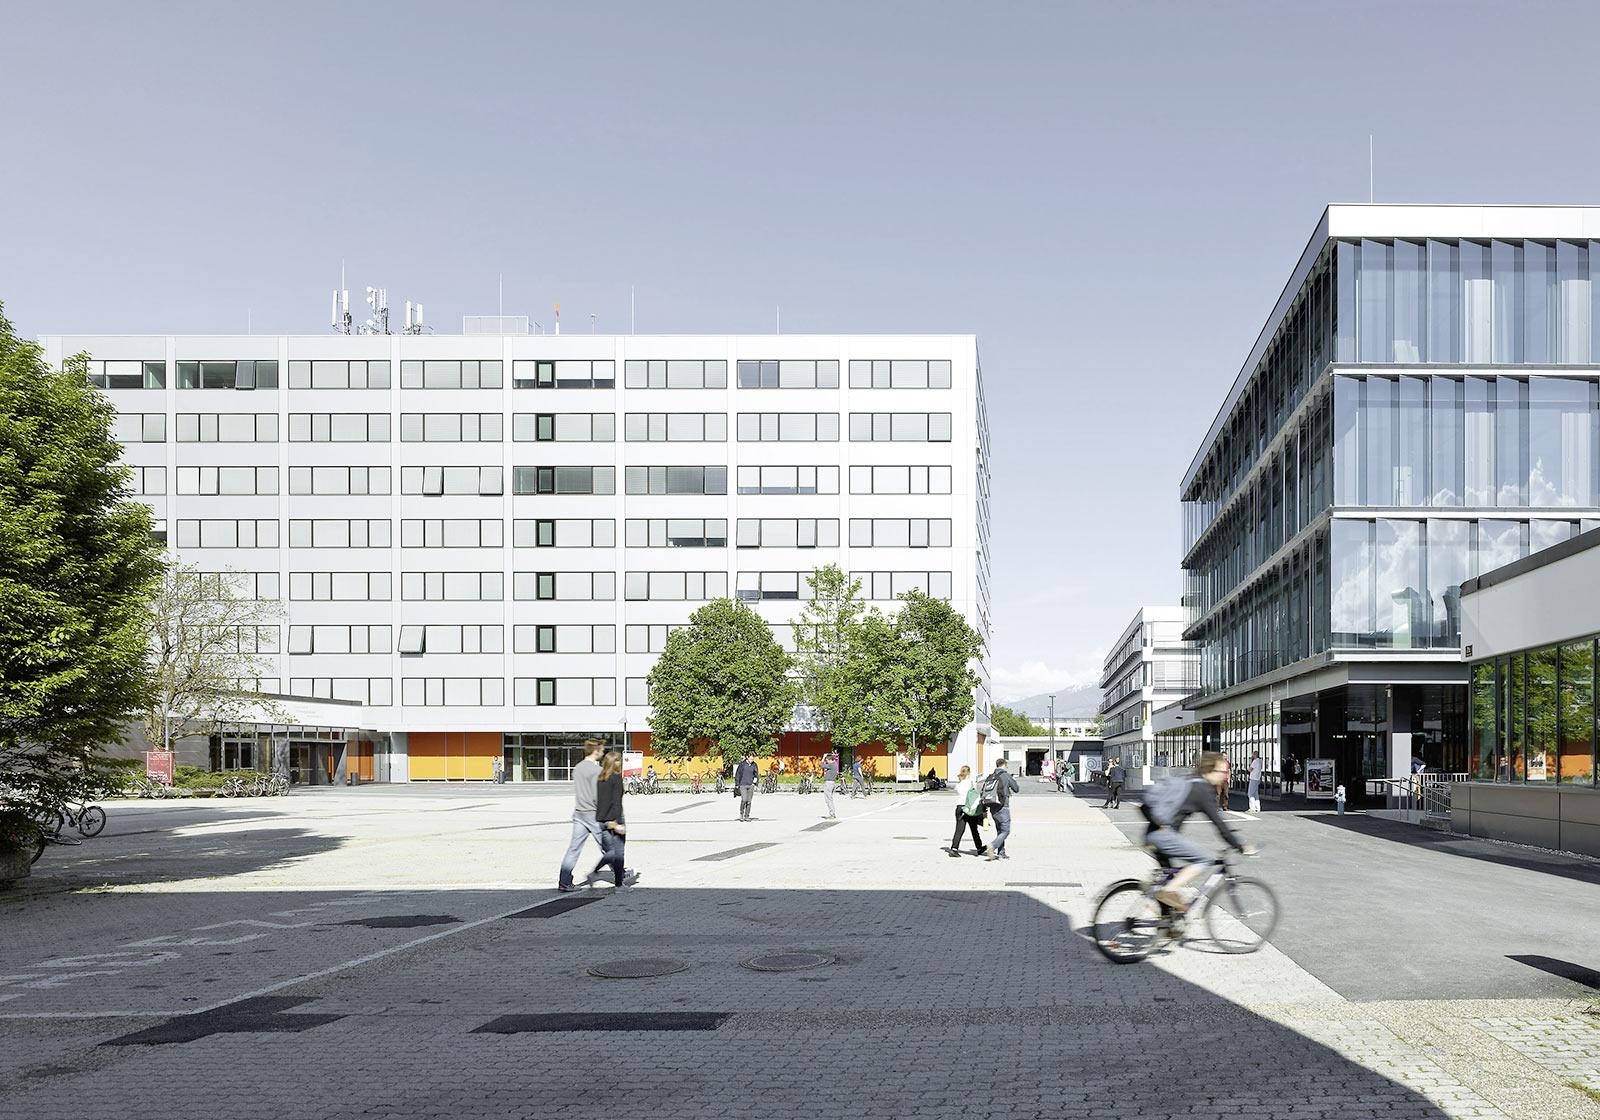 Здания факультетов архитектуры и технических наук Университета Инсбрука. Фото: ATP/Jantscher